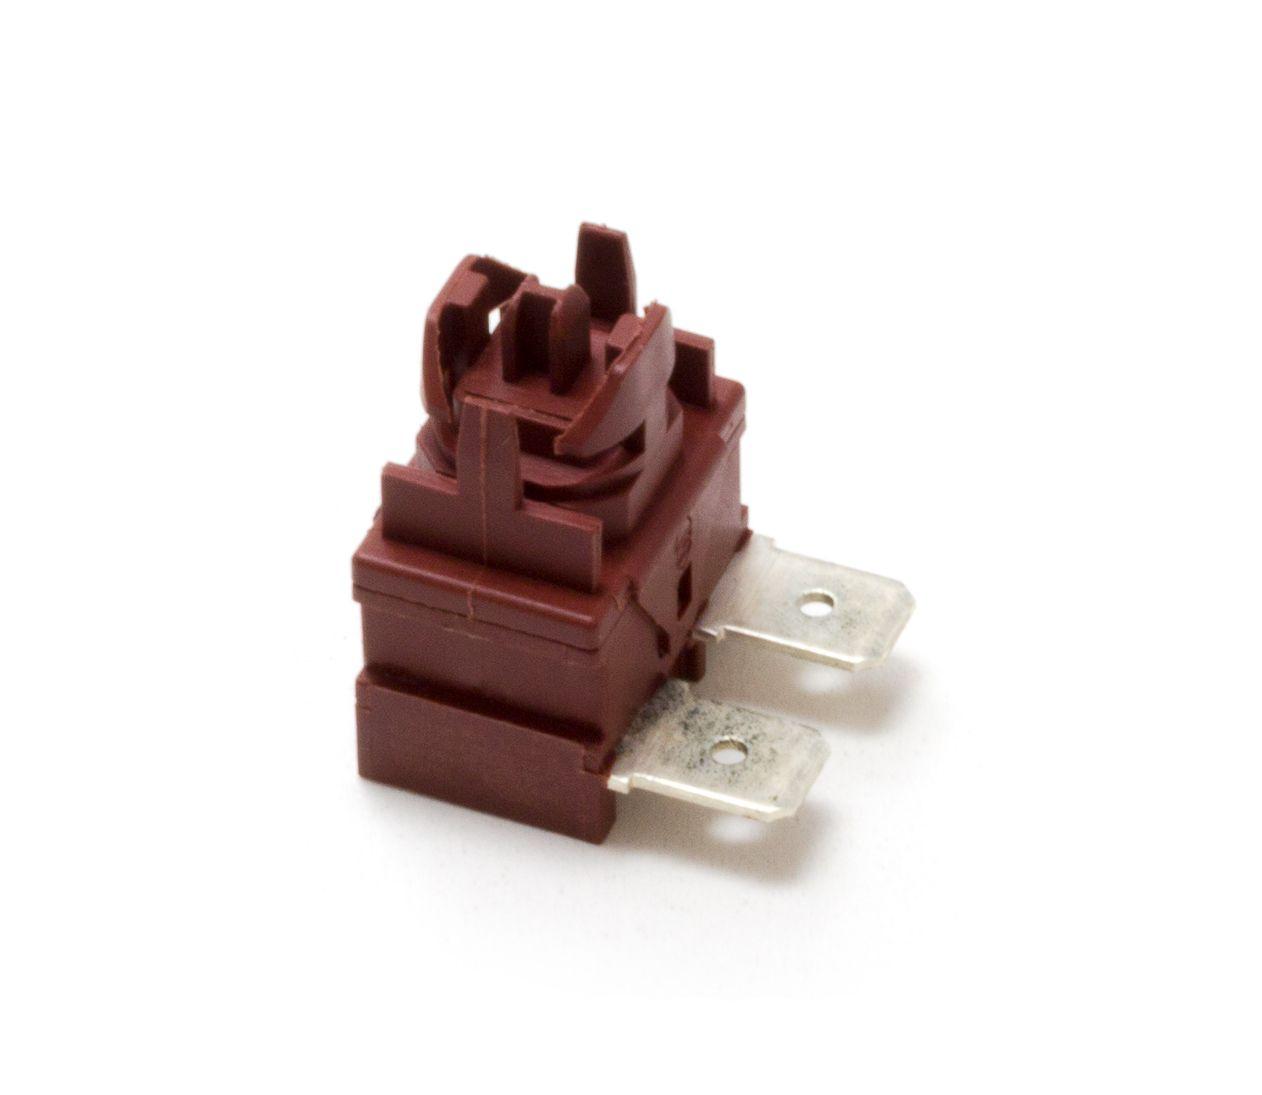 hlavní vypínač pro pračky a myčky šest kontaktů - C00140607 Ariston, Indesit Company